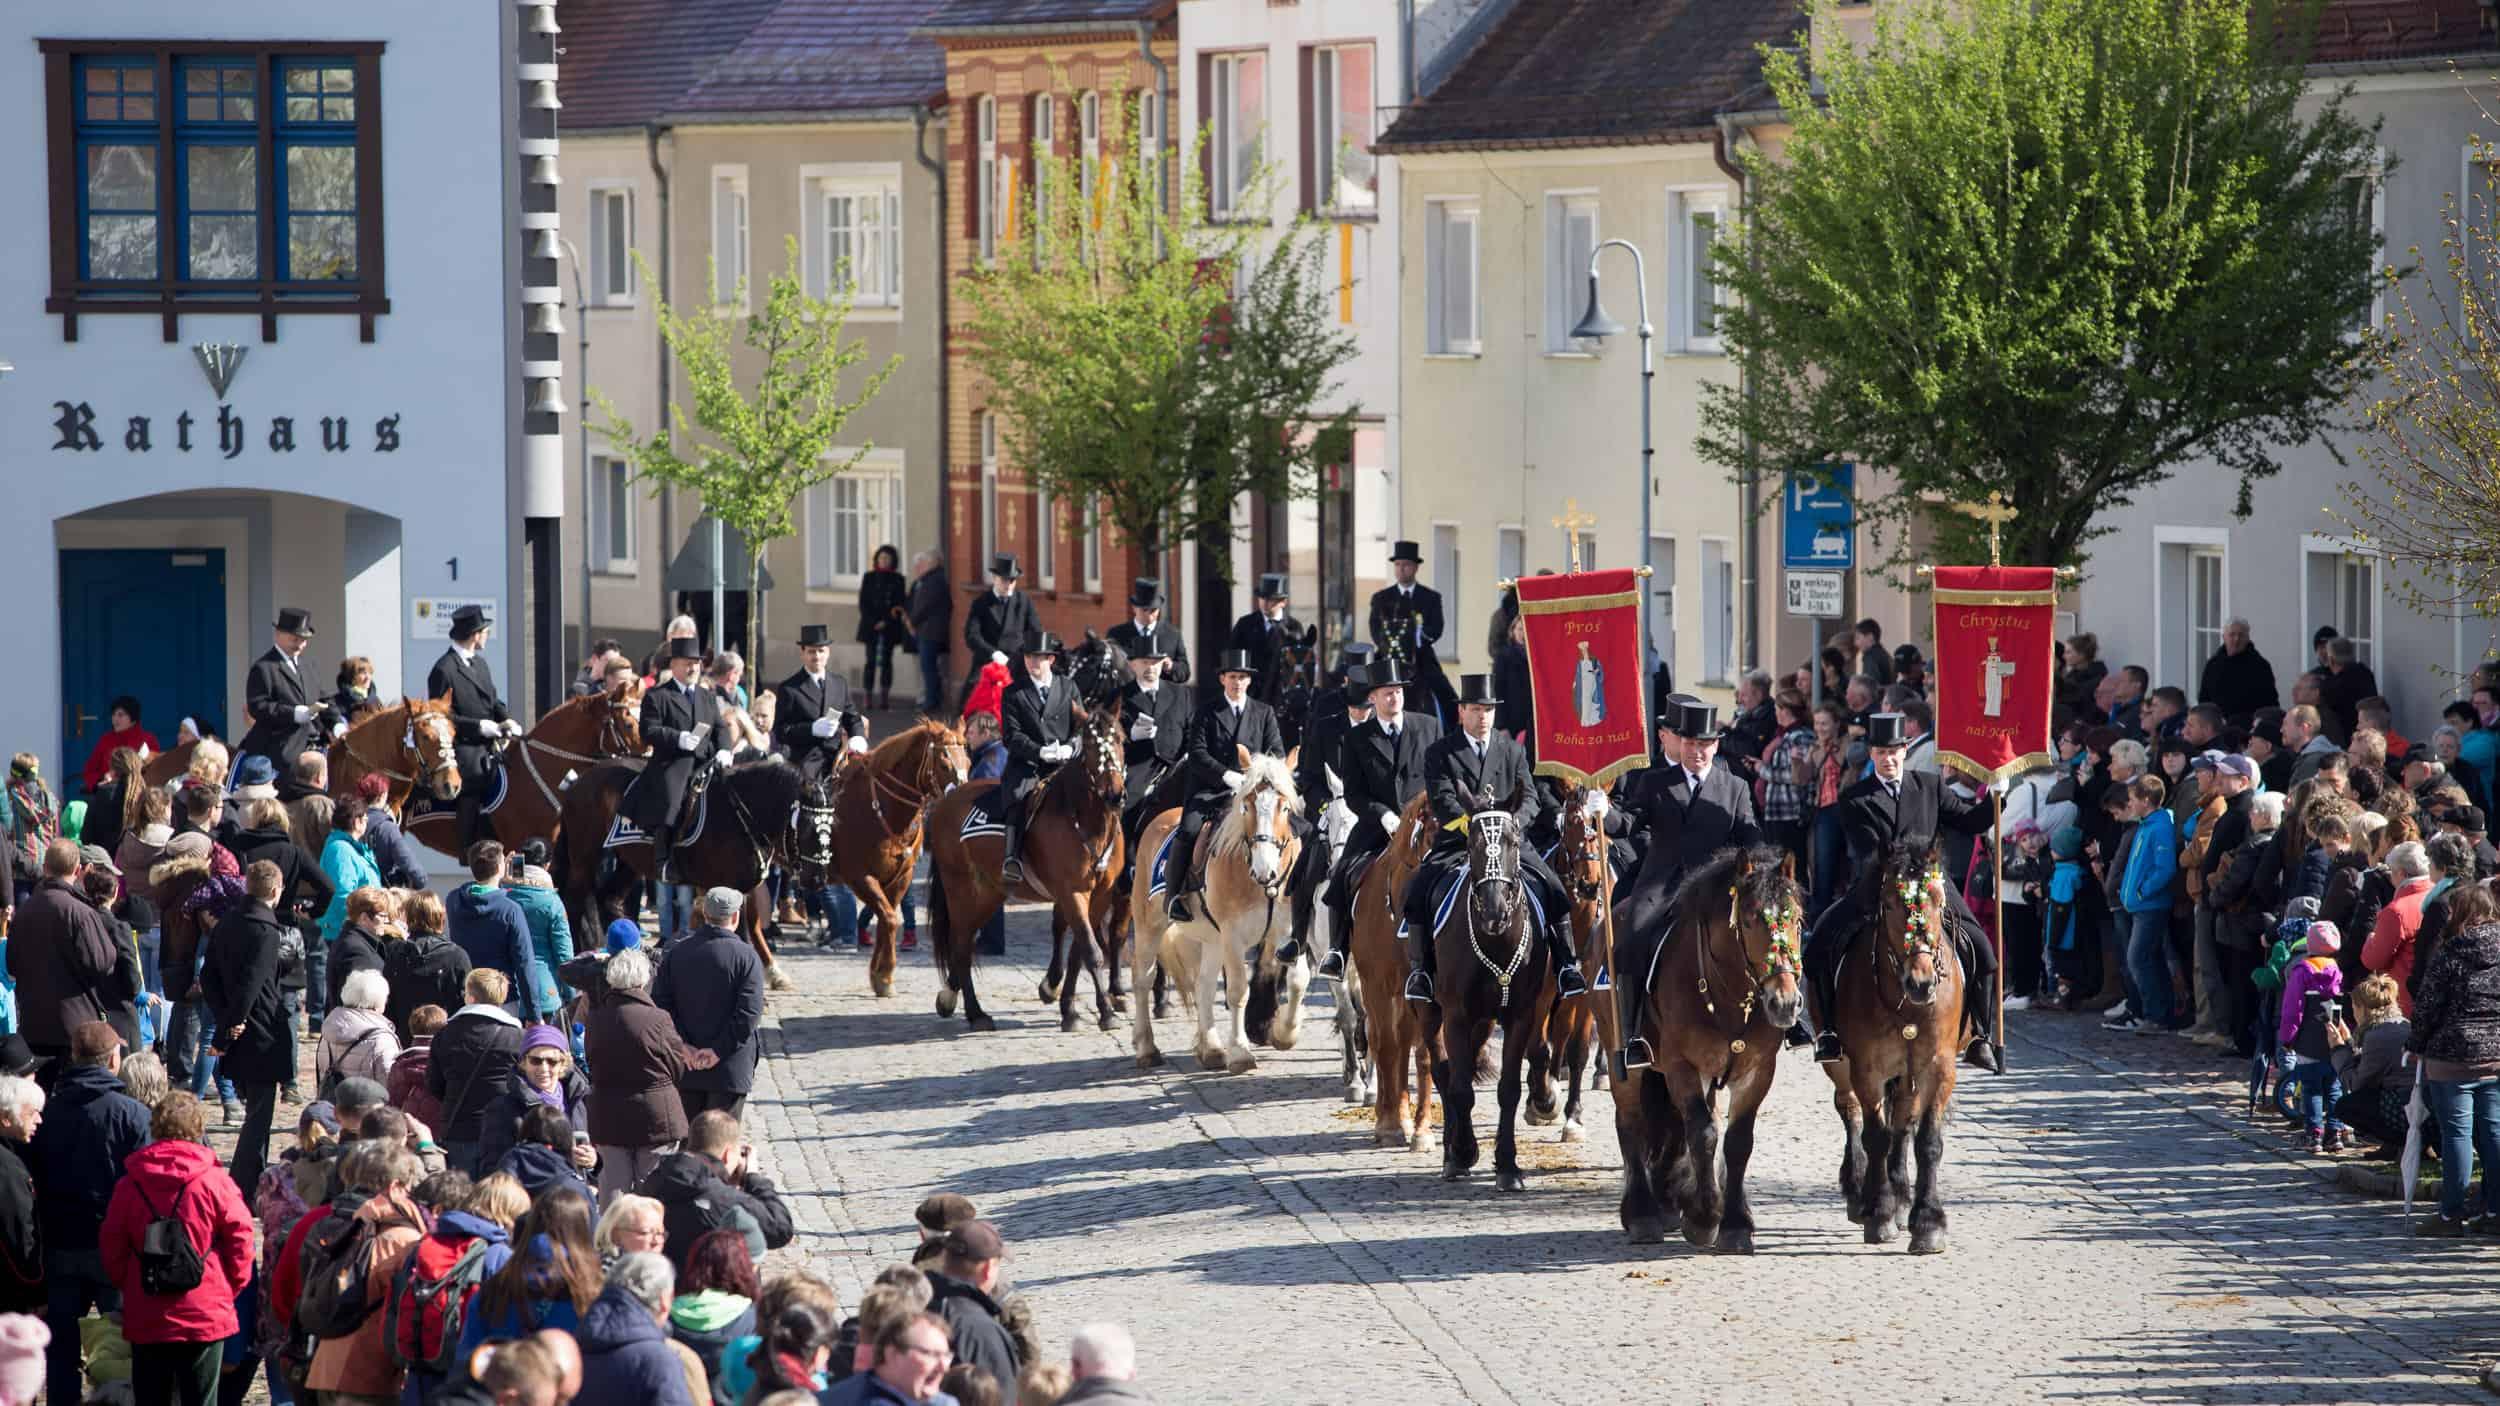 Osterreiten-Wittichenau-Markt